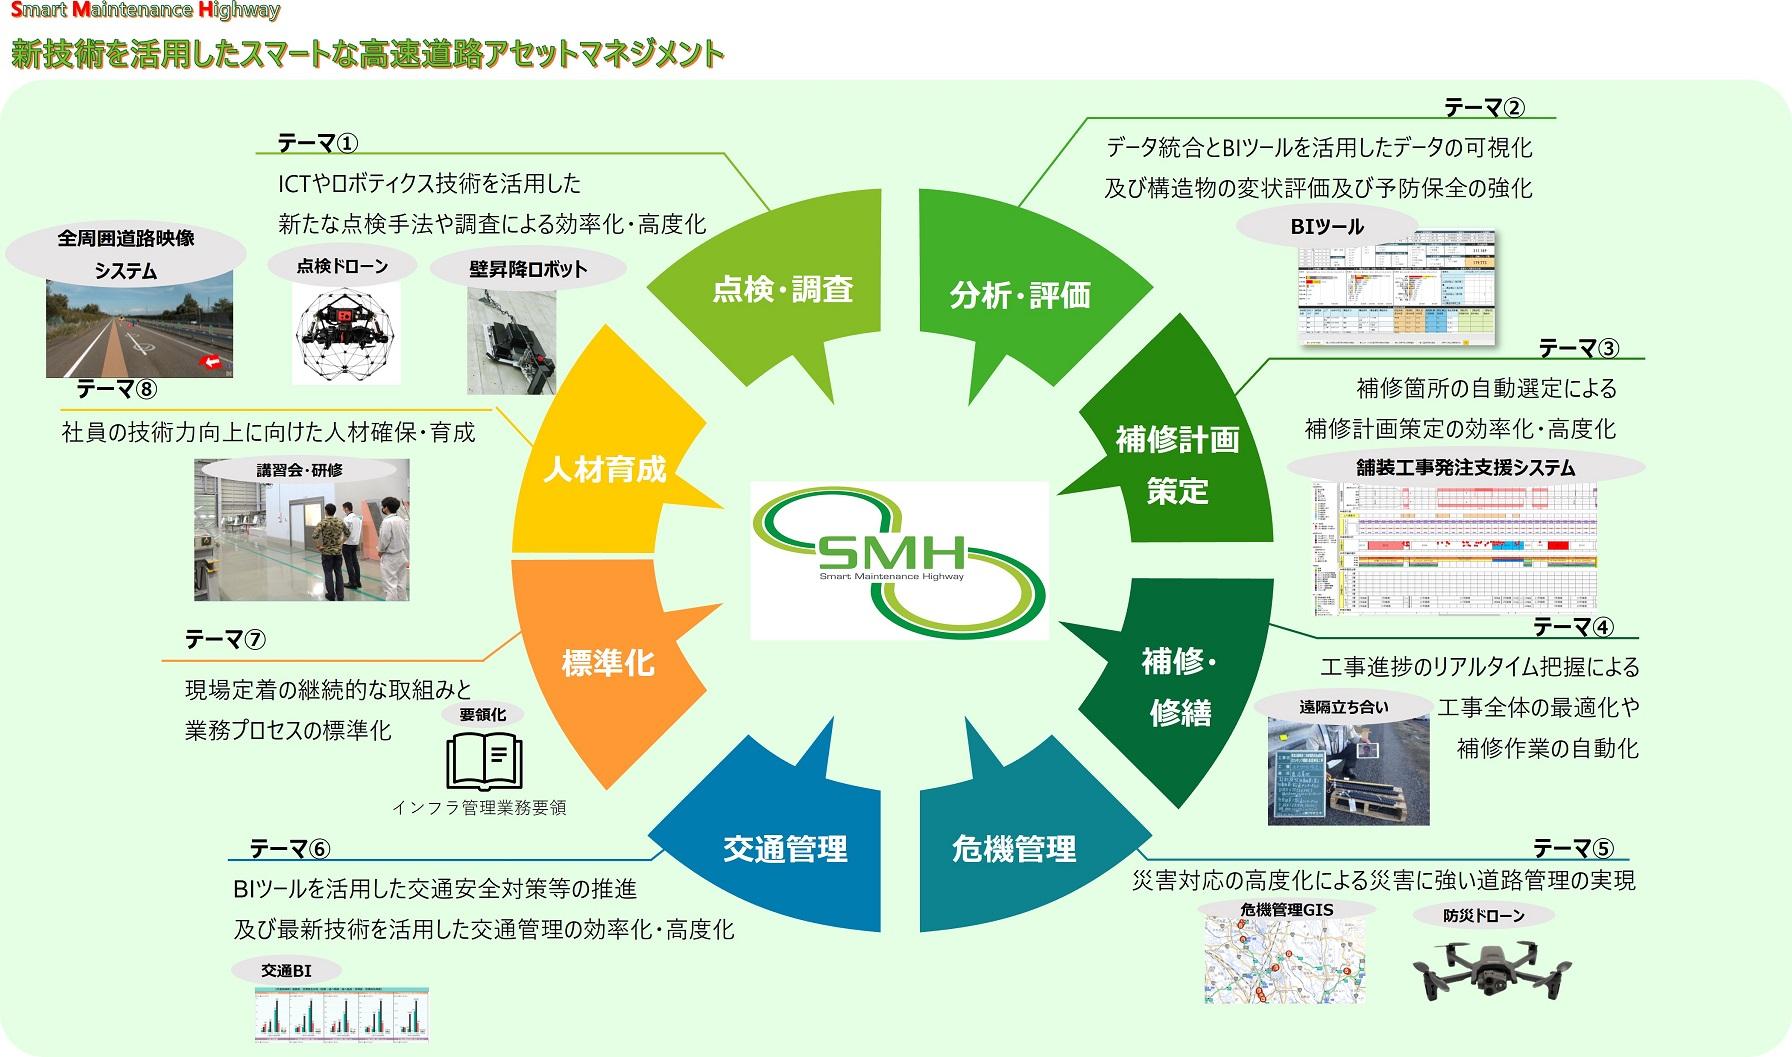 スマートメンテナンスハイウェイ(SMH)基本計画